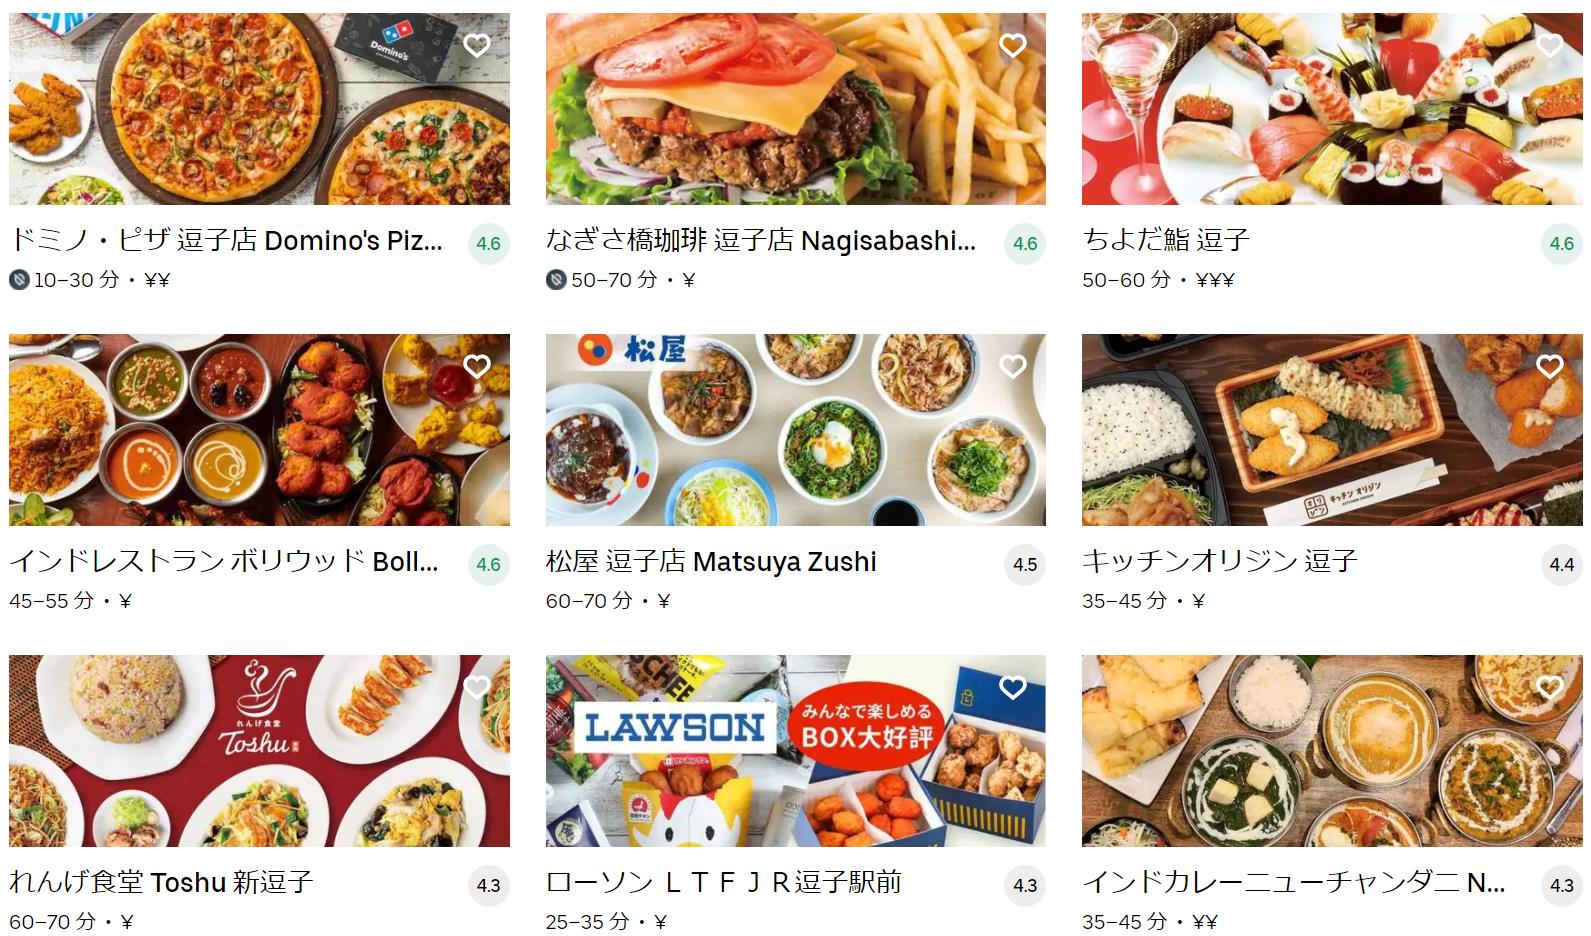 逗子市エリアのおすすめUber Eats(ウーバーイーツ)メニュー